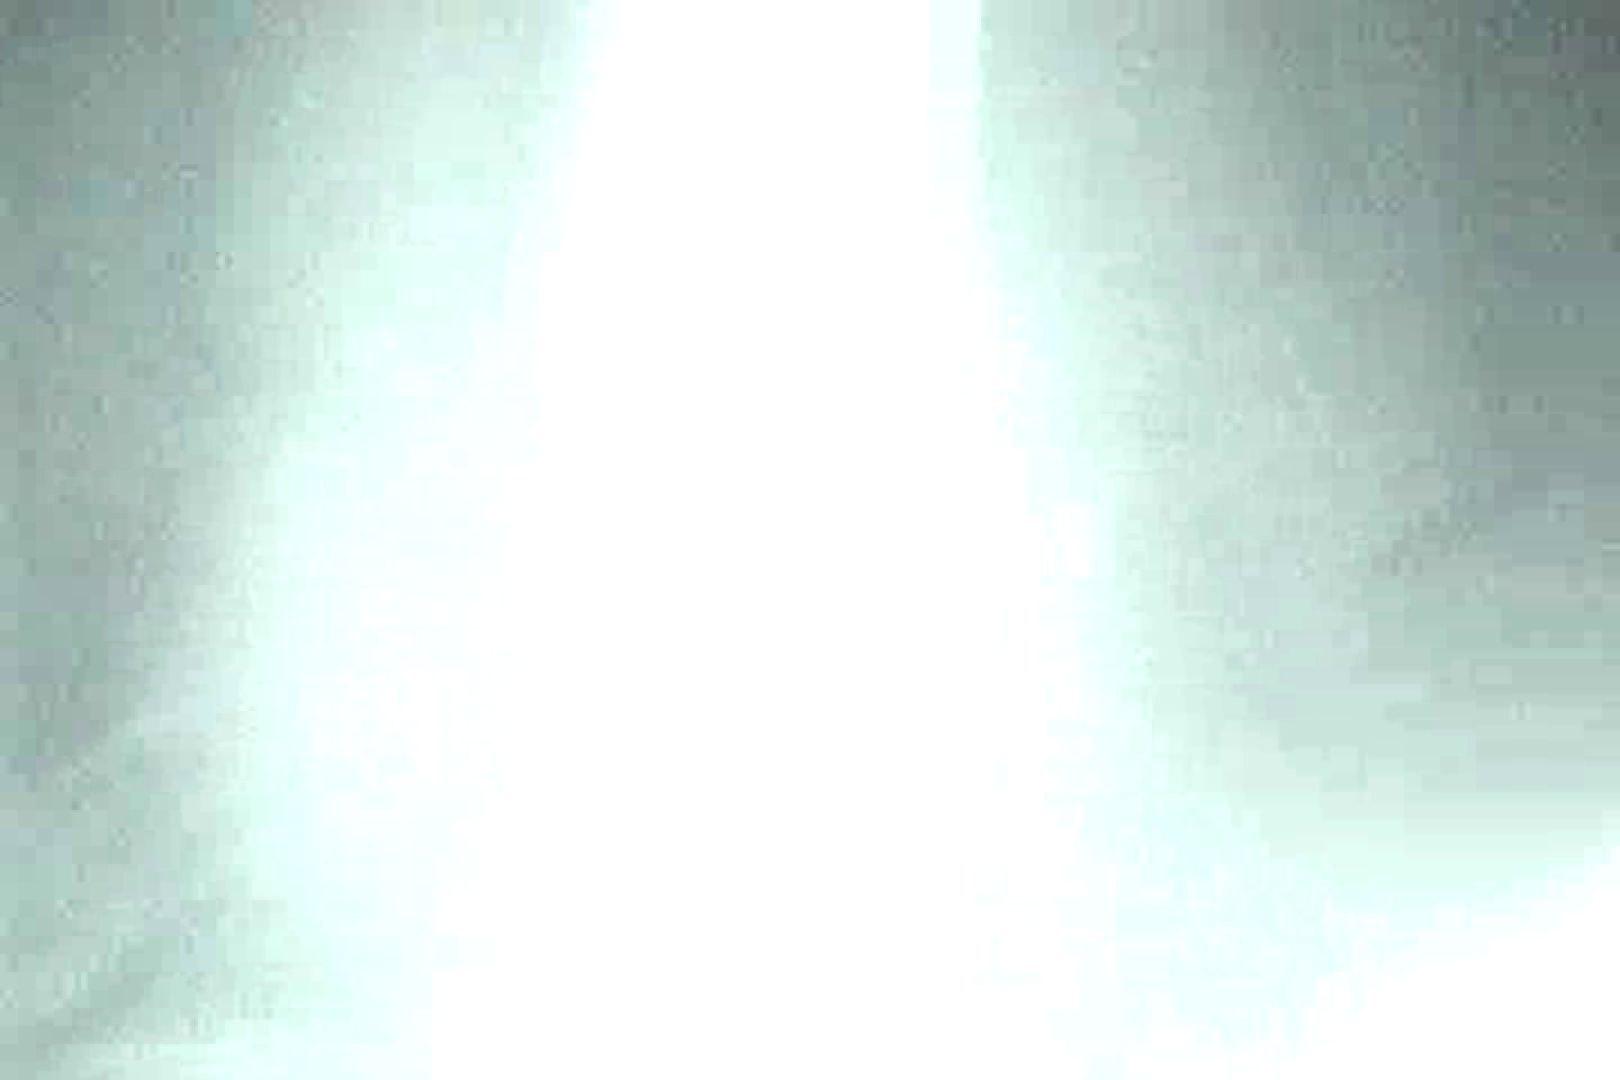 充血監督の深夜の運動会Vol.106 車の中のカップル | エッチなセックス  83画像 1